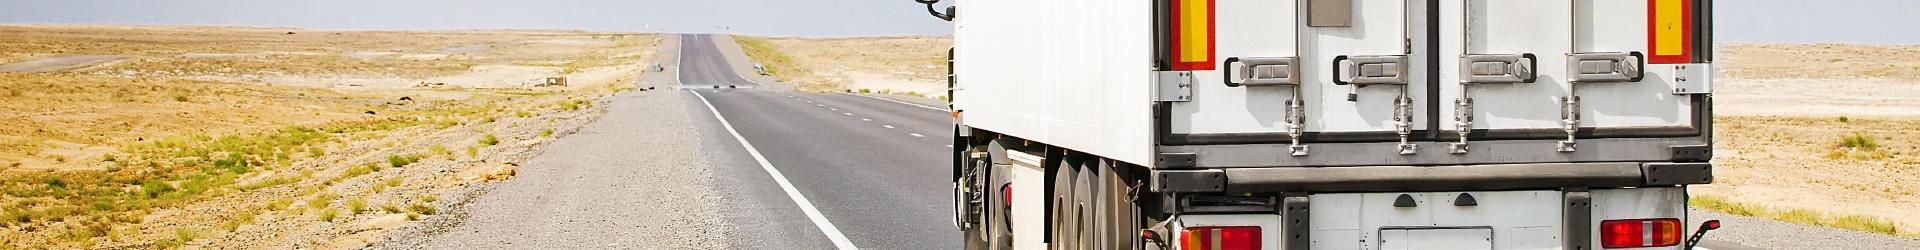 Stuur- en veersystemen voor trucks